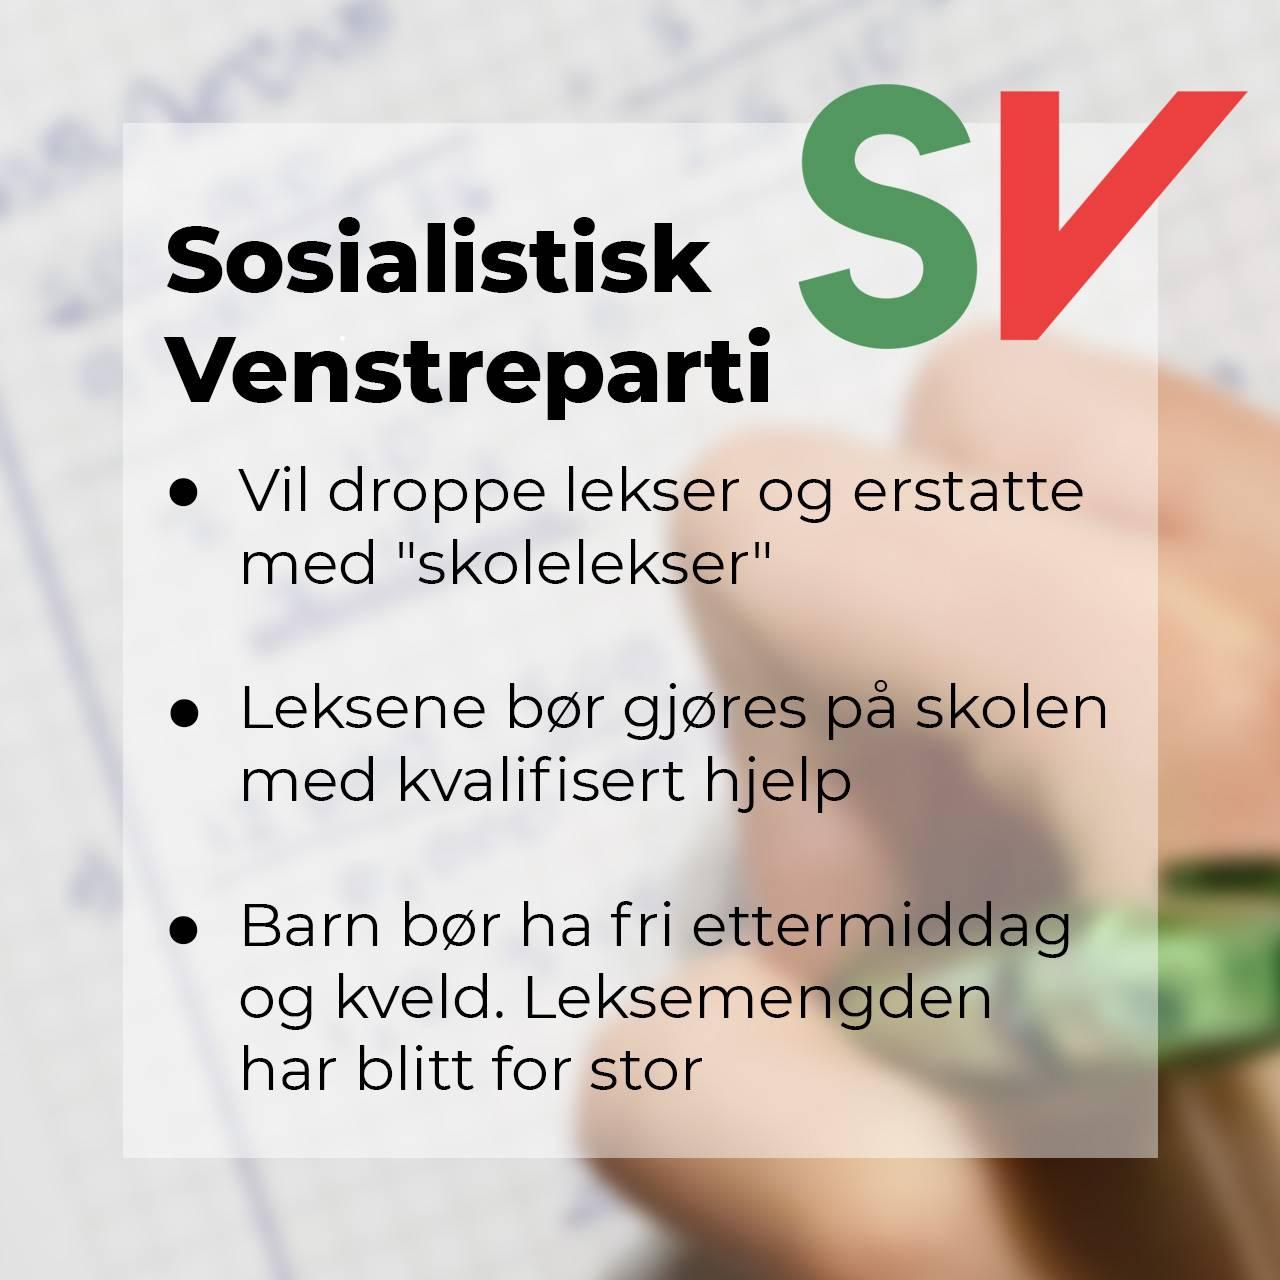 Sosialistisk Venstreparti om leksefri